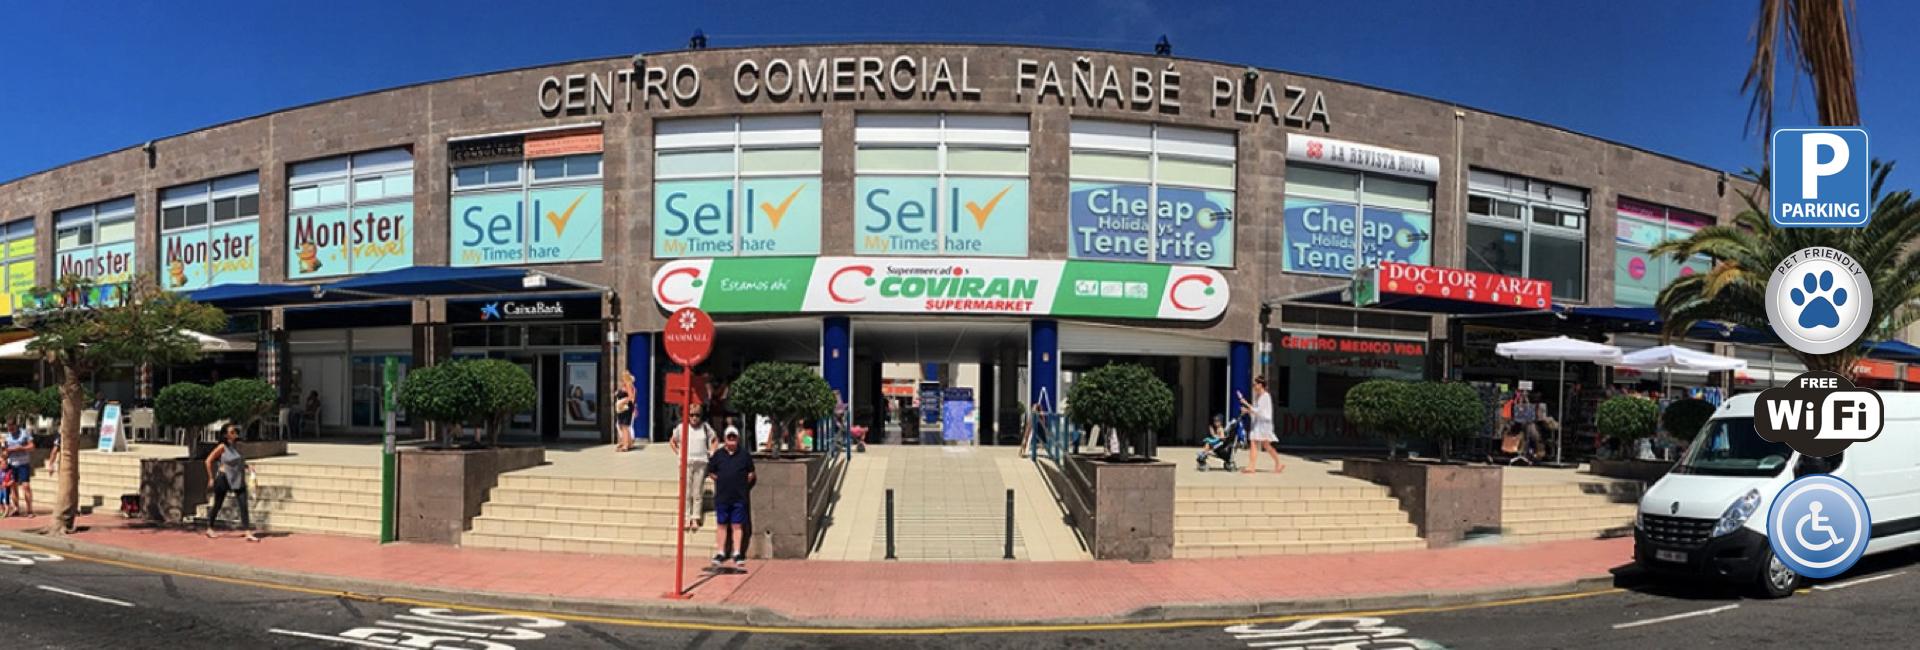 Centro Comercia Fañabé Plaza, es un centro comercial abierto, en el Sur de Tenerife